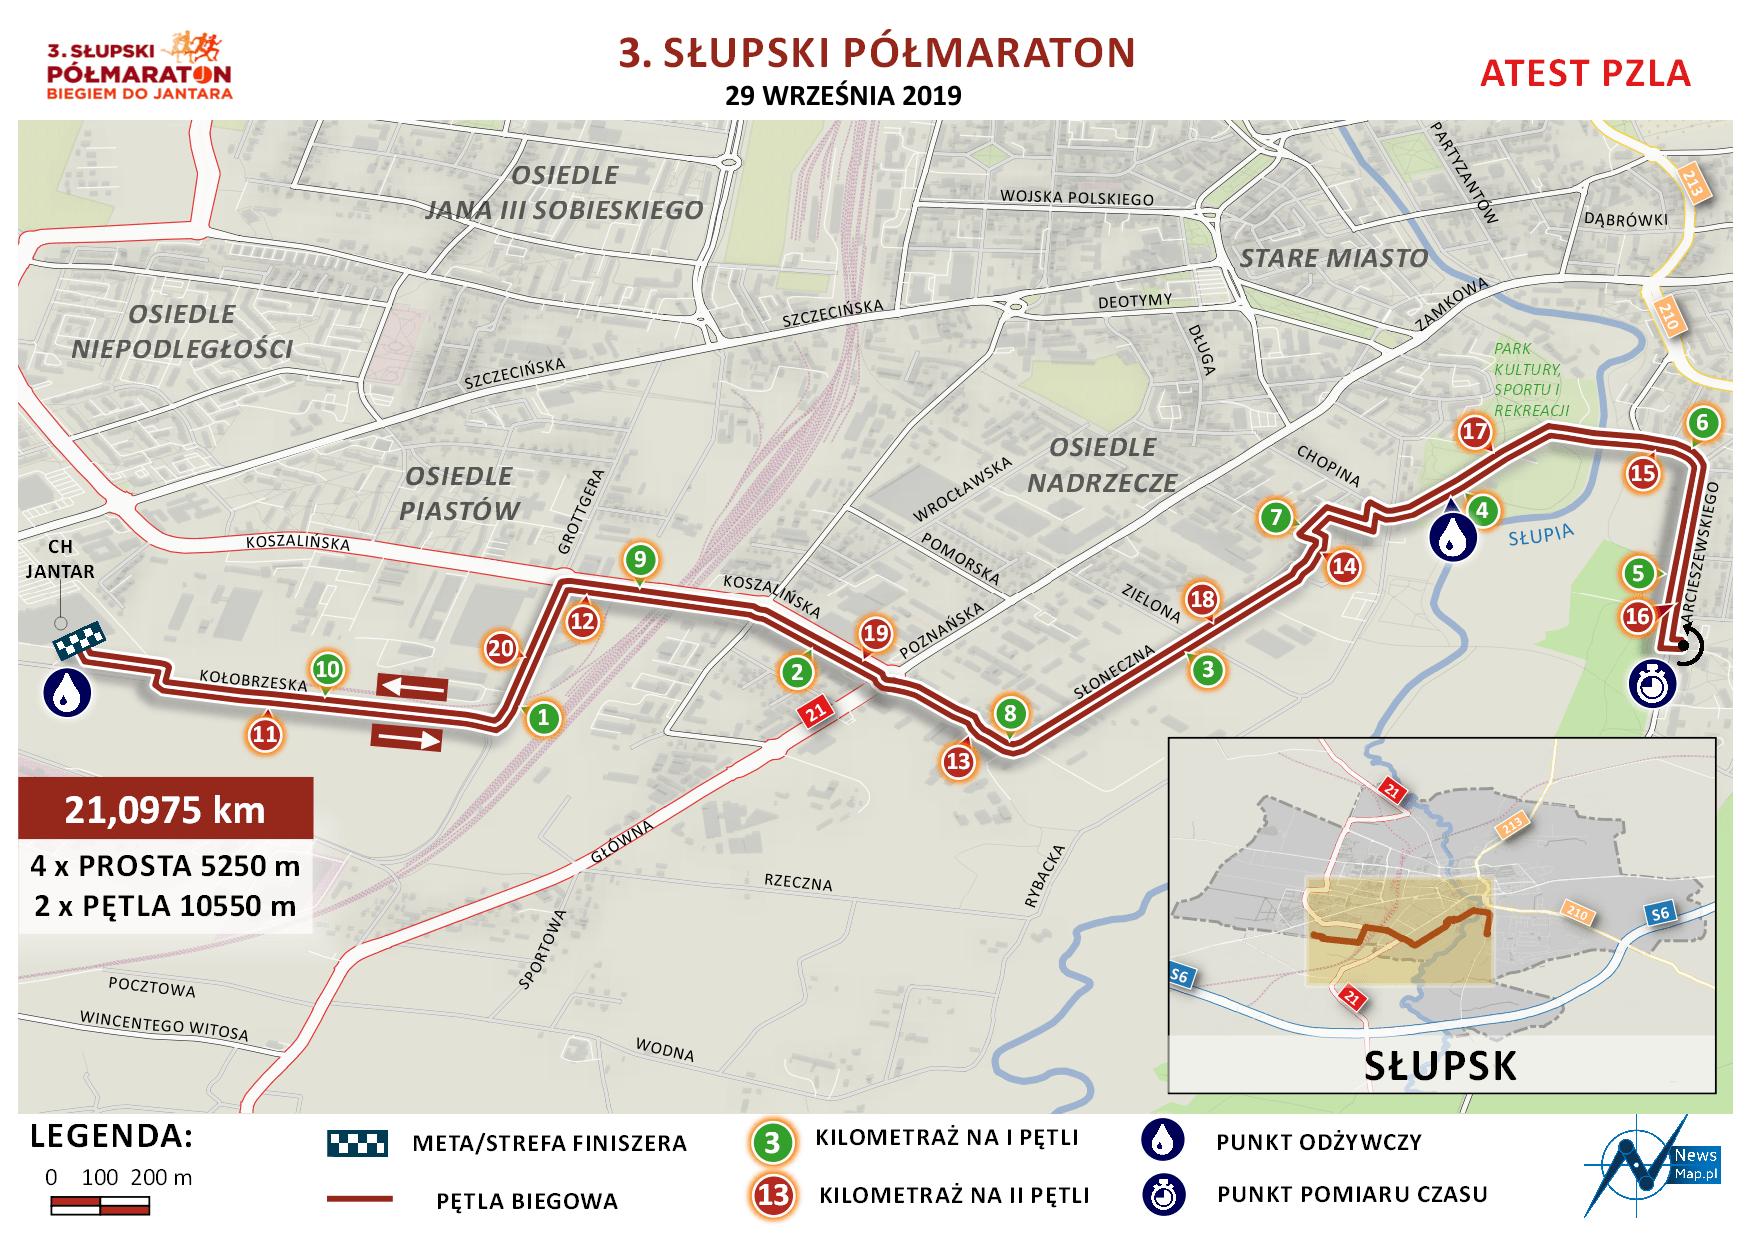 Mapa statyczna 3. Słupski Półmaraton (on-line)